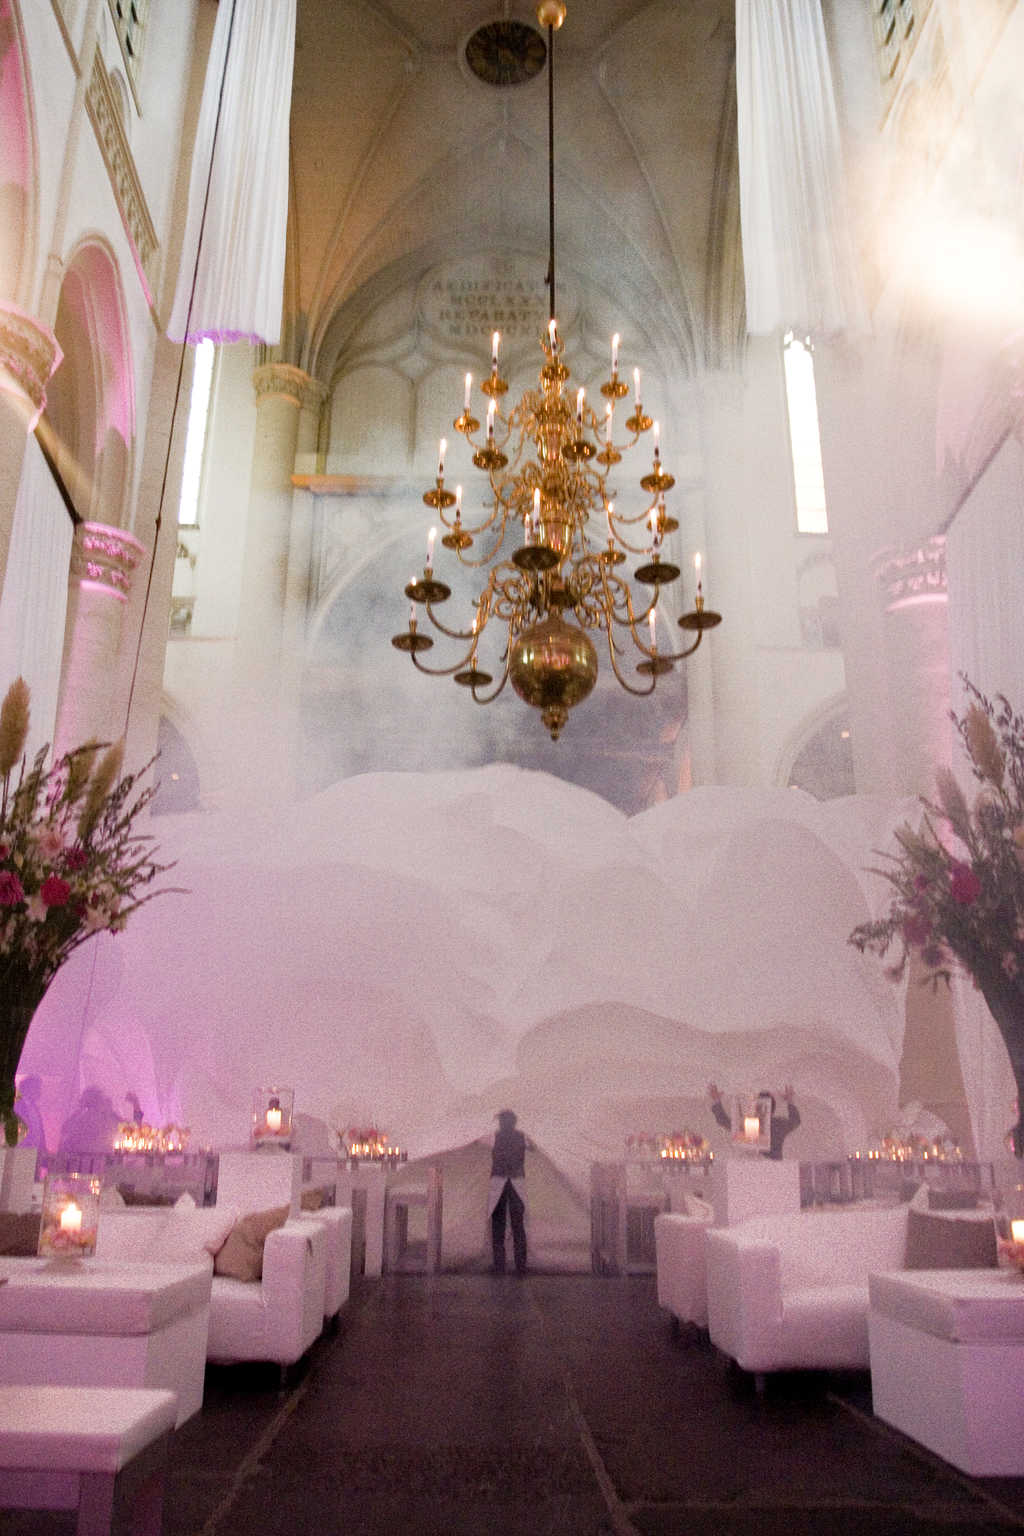 Spectaculaire overgang van receptie naar walking diner, wedding en planning, Weddingplanner, fotocredits Sjouke Dijkstra